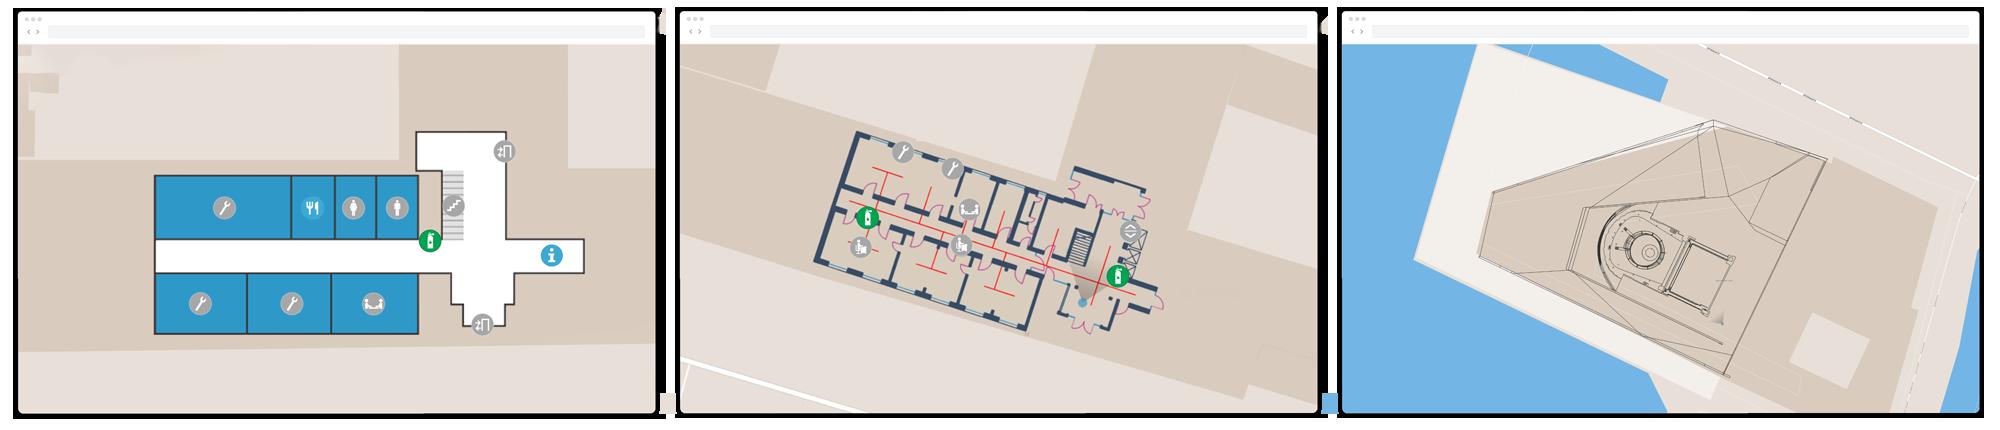 IndoorViewer_floorplans